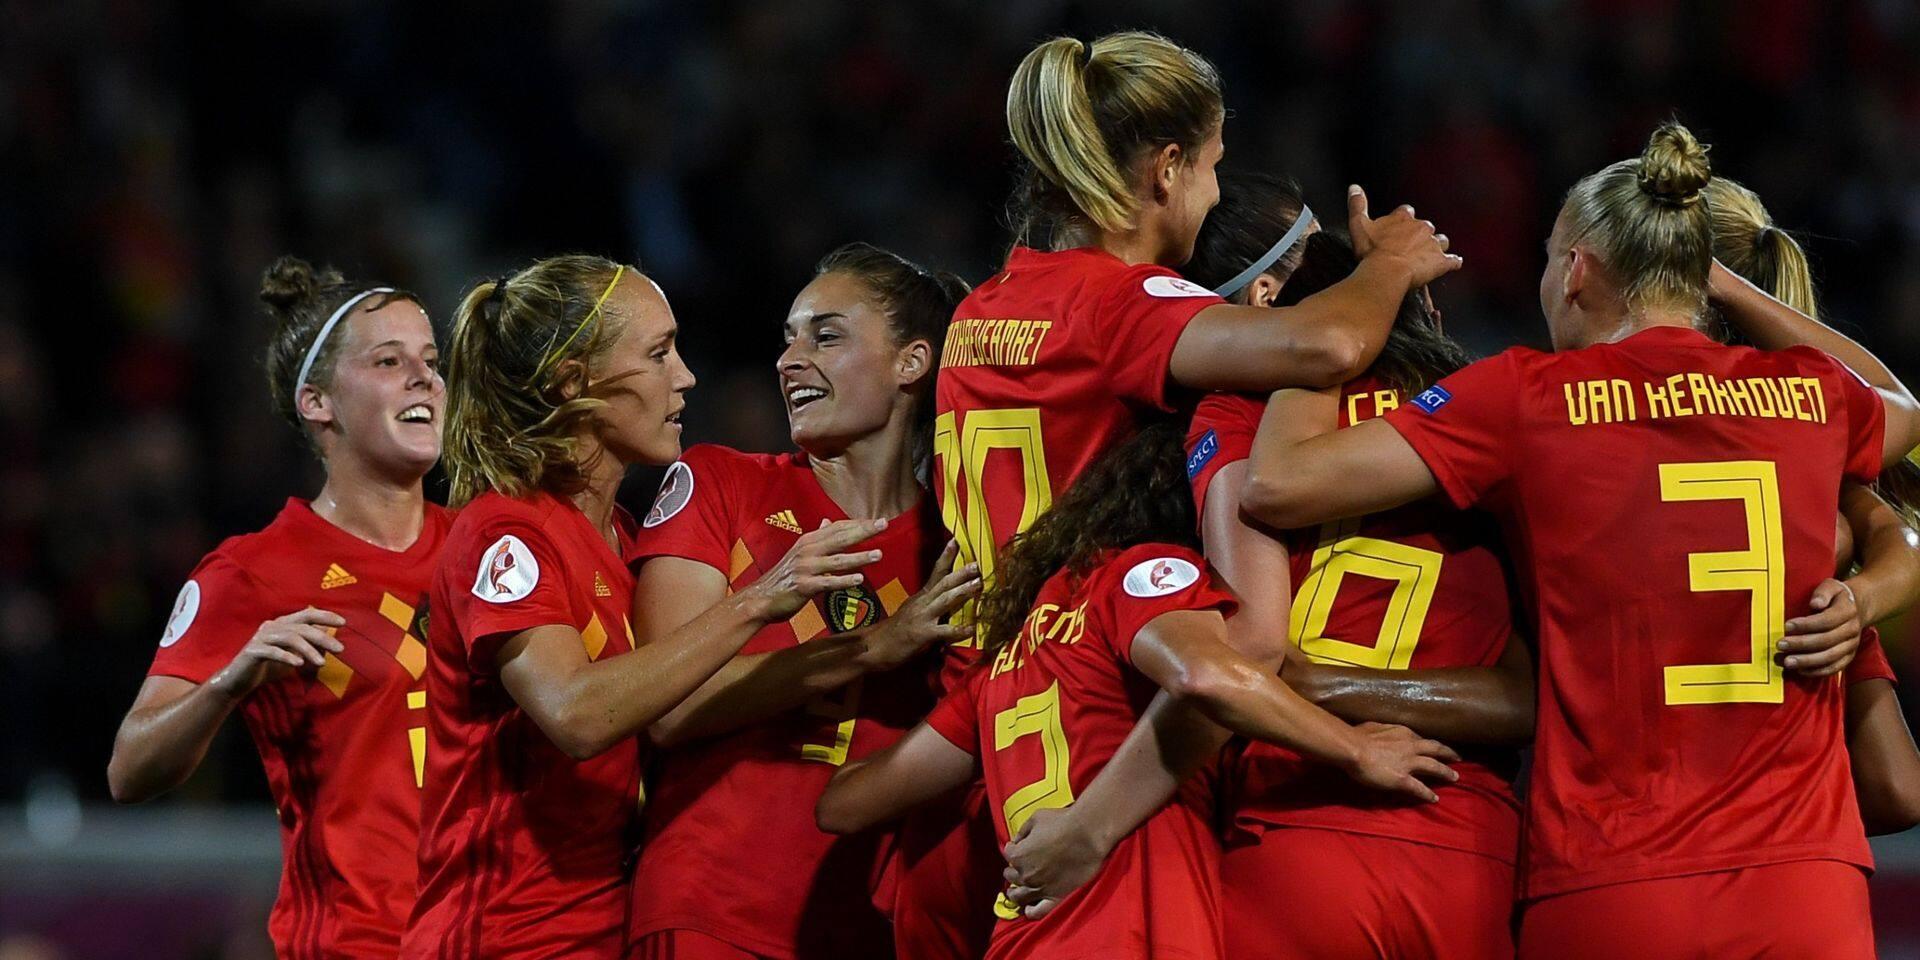 Après la belle victoire 6-1 à Louvain, les Flames se méfient du déplacement en Croatie